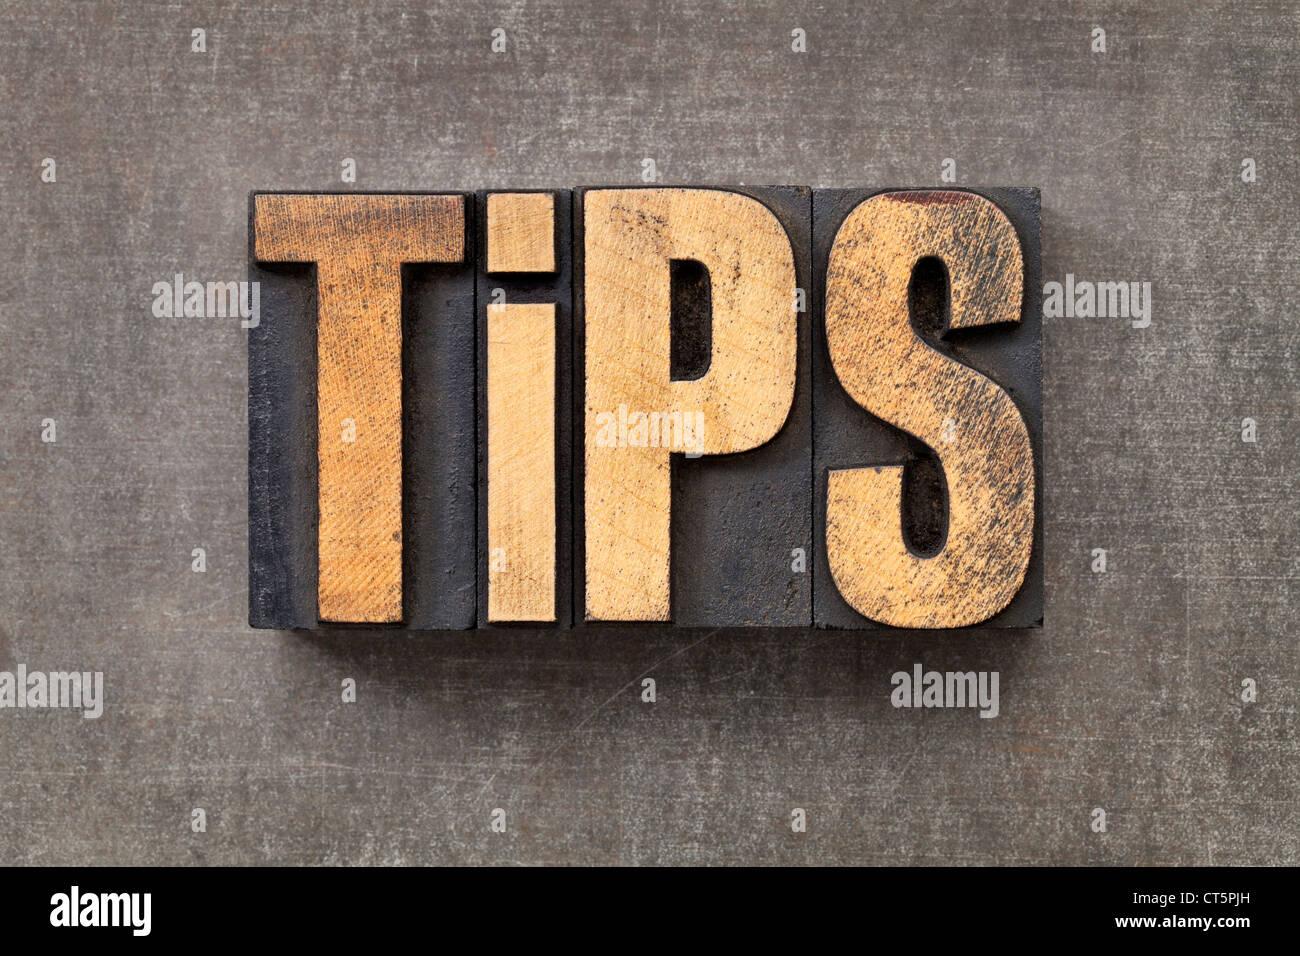 Word - conseils du texte dans la typographie vintage bois type contre un grunge metal sheet Photo Stock